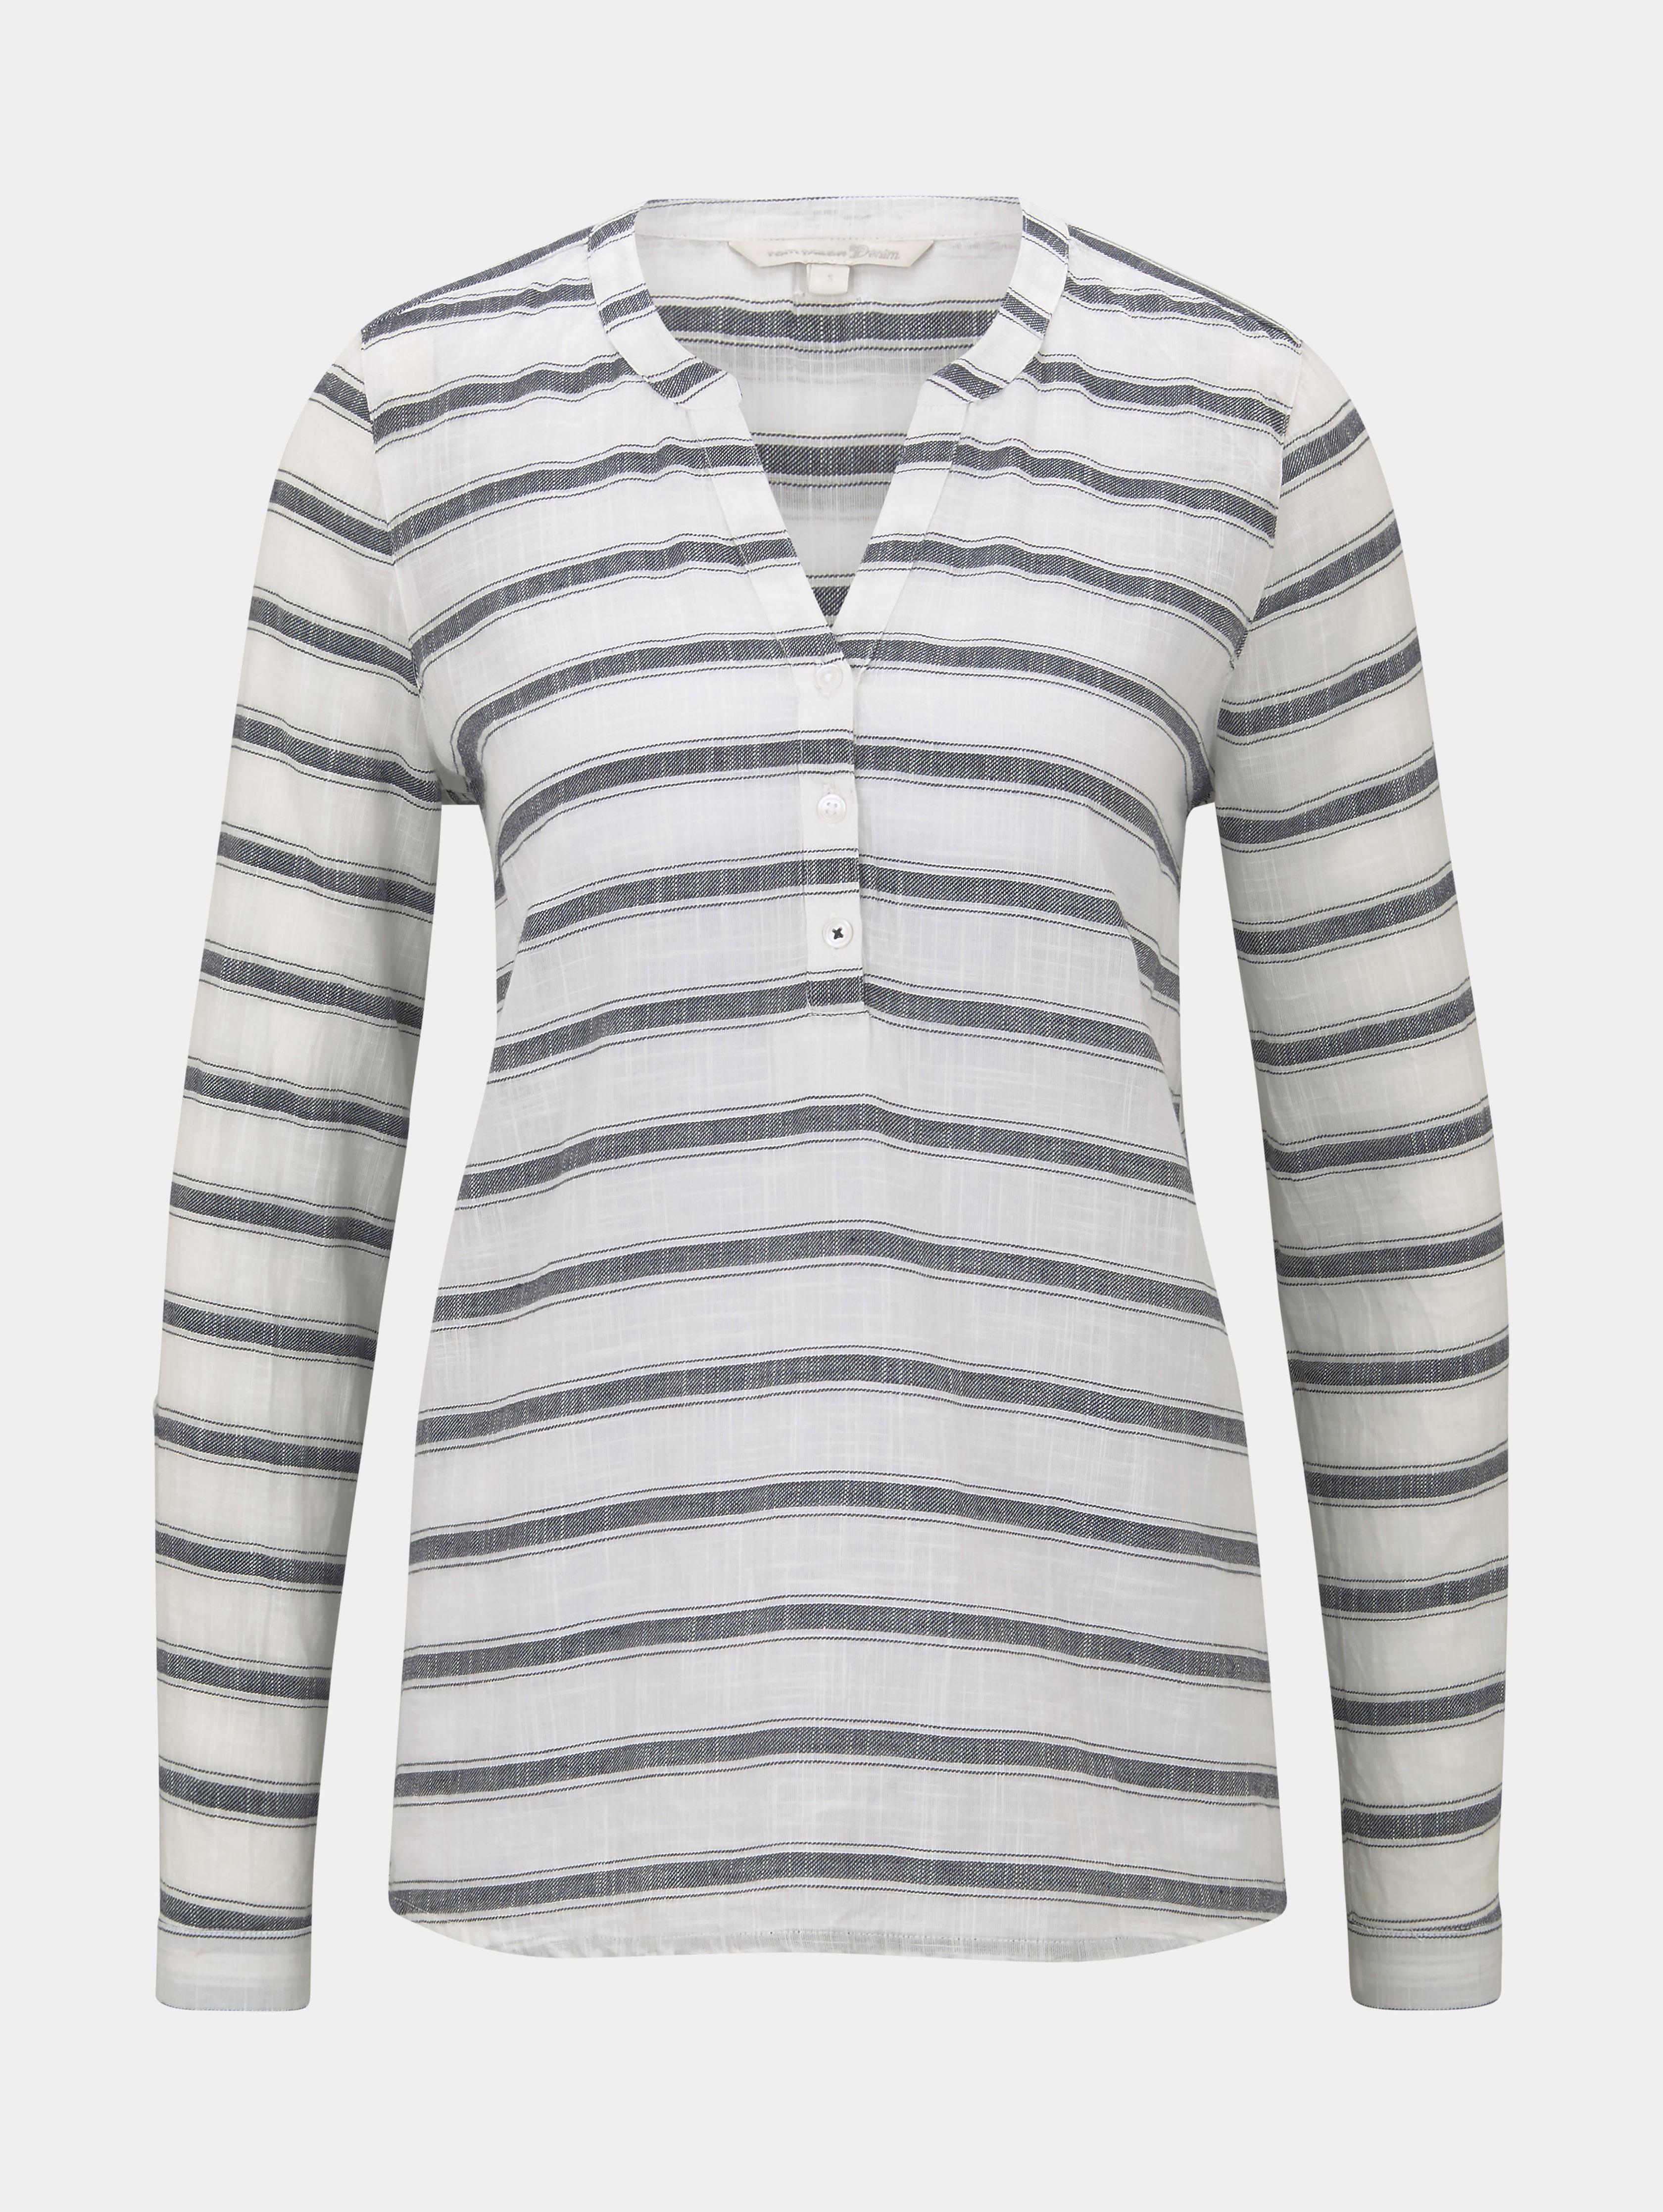 Bluse Striped Henley Tom Tailor Denim